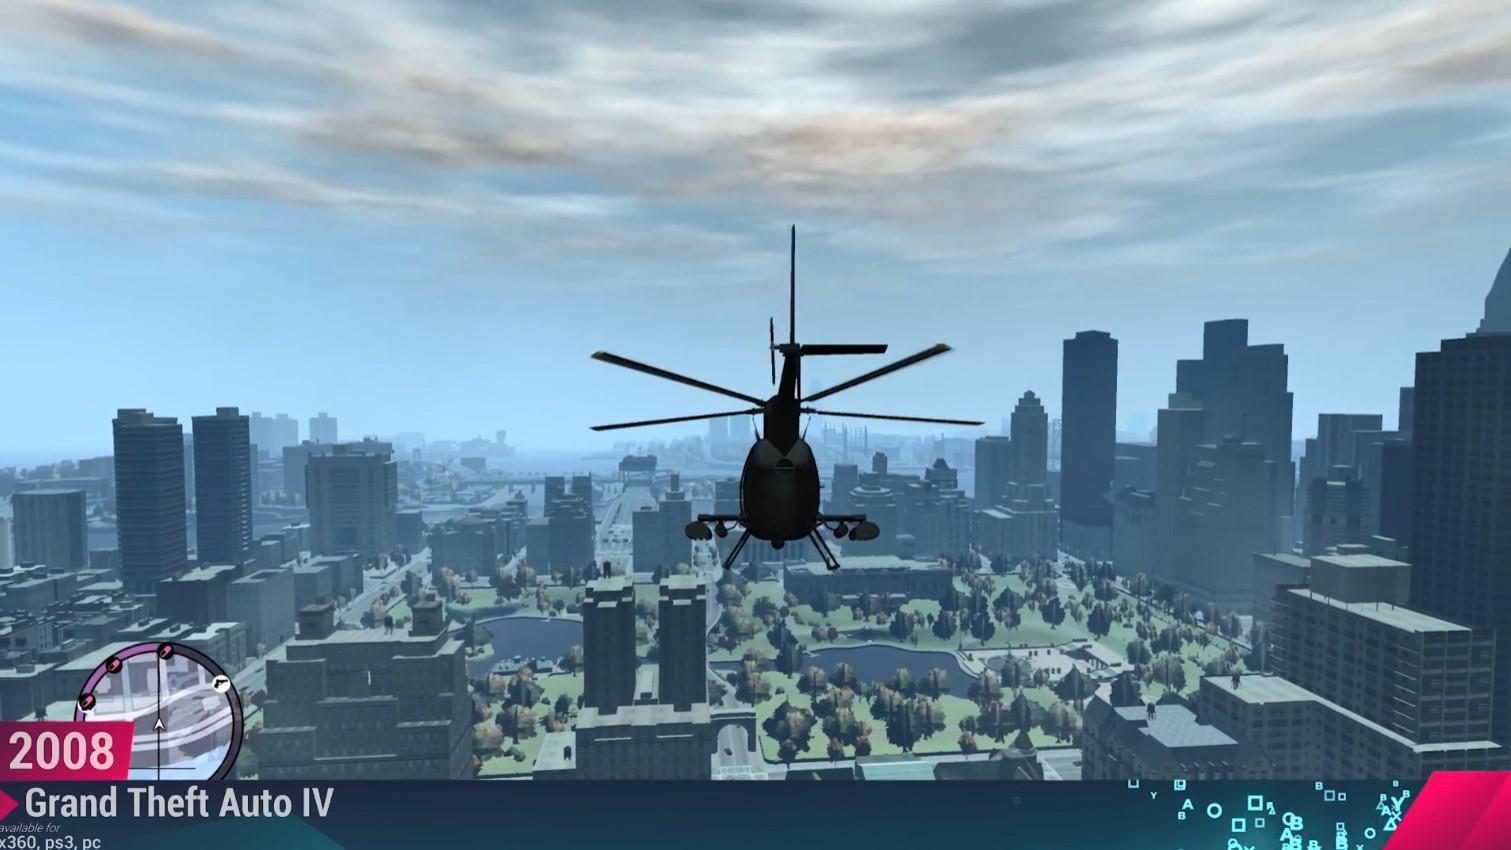 GTA系列城市变化史 哪部作品大家印象最深呢?